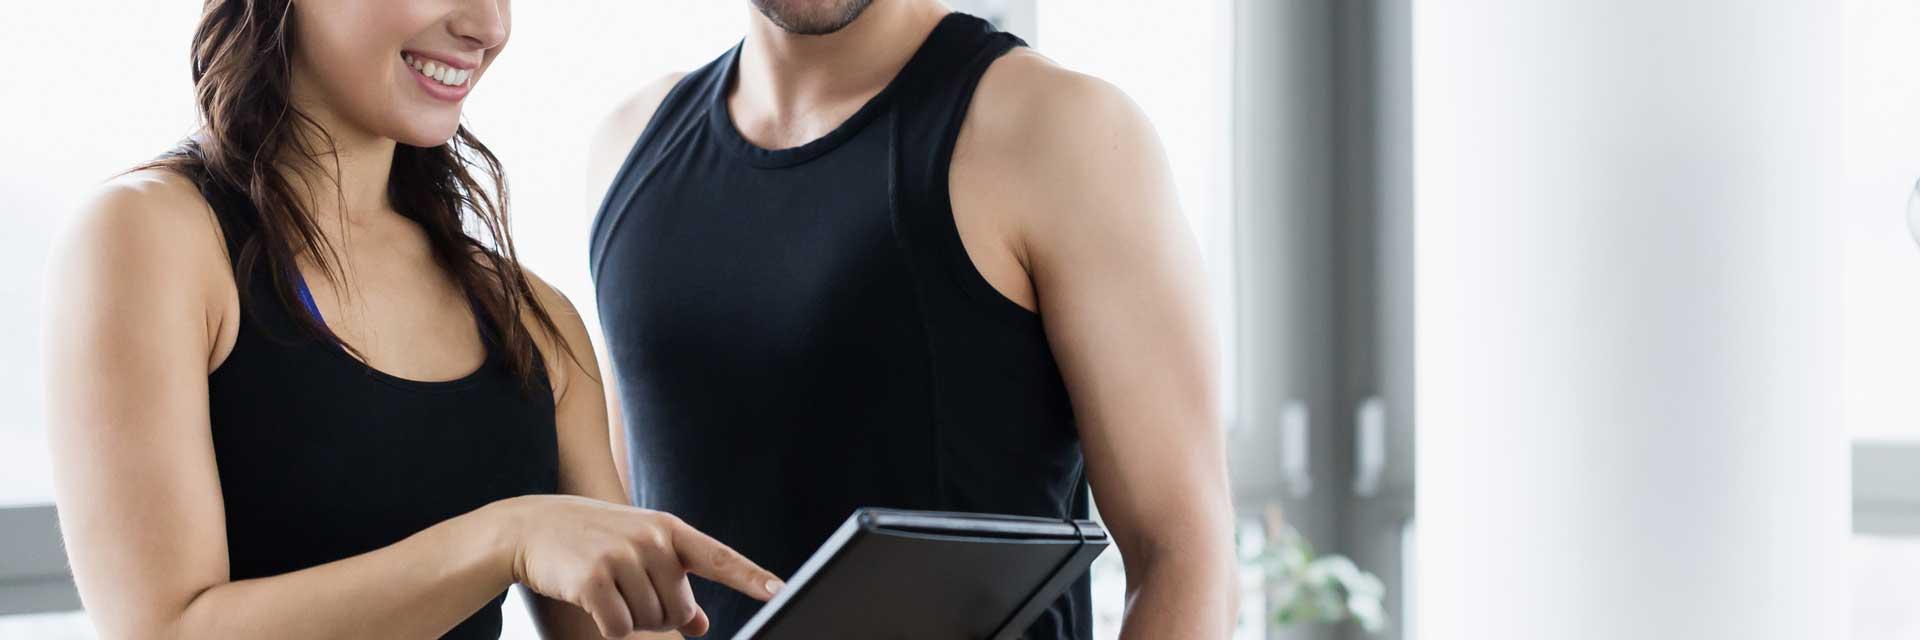 Hoe vaak moet je veranderen van trainingsschema? 4 voorwaarden!